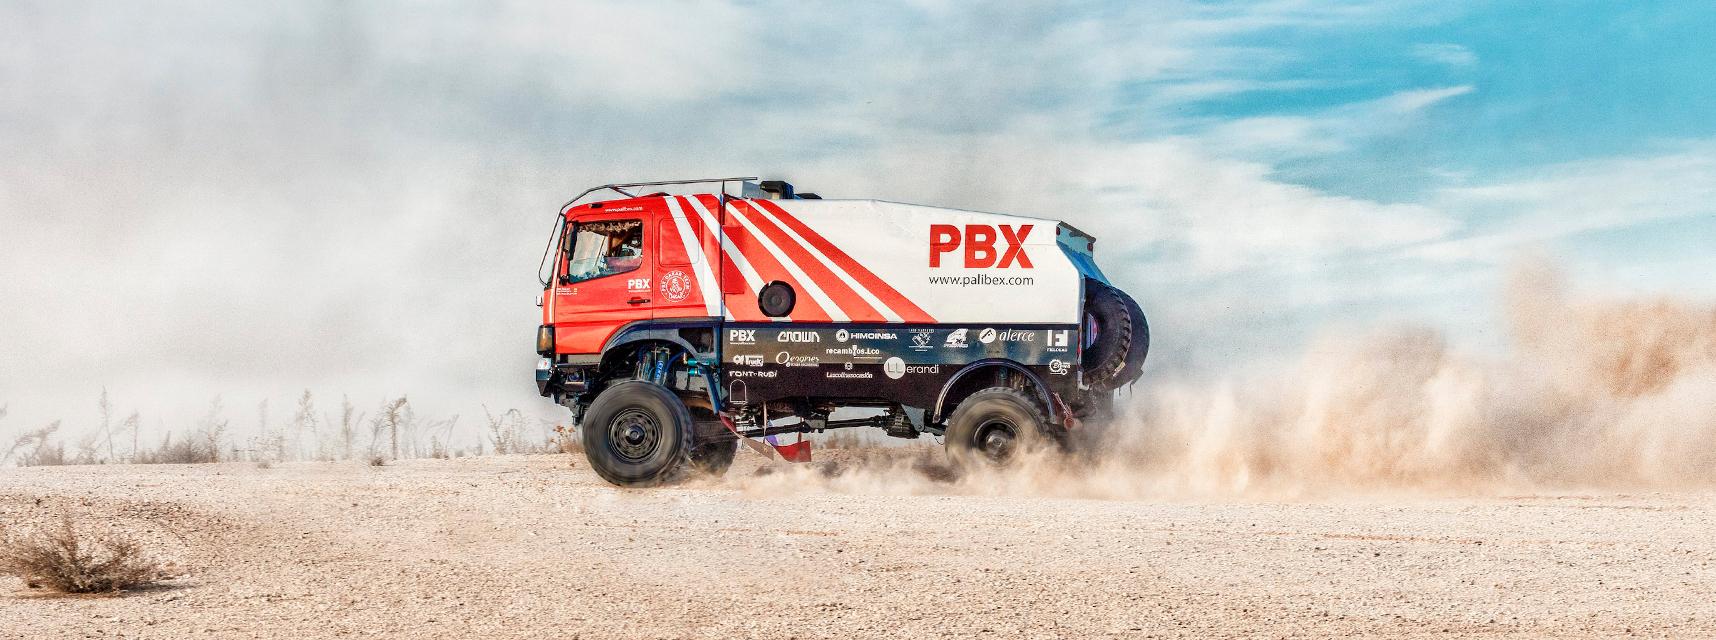 Dakar 2021 - PBX Dakar Team - Palibex -1